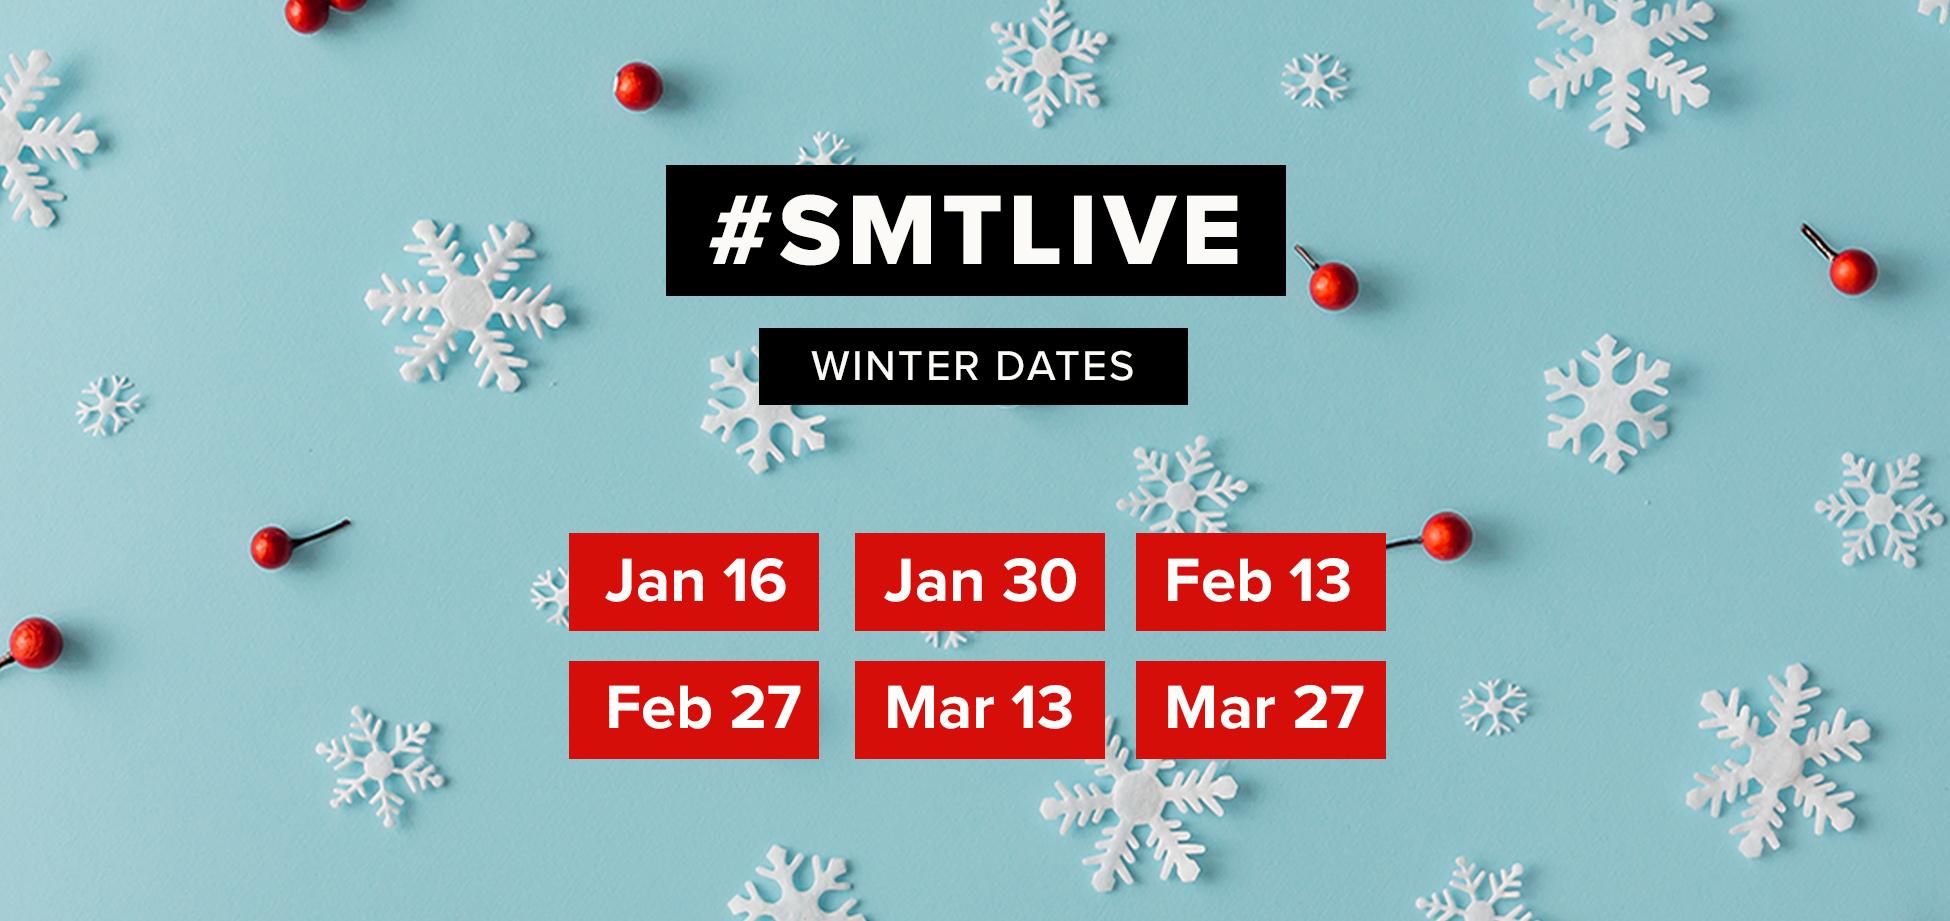 SMT Live dates